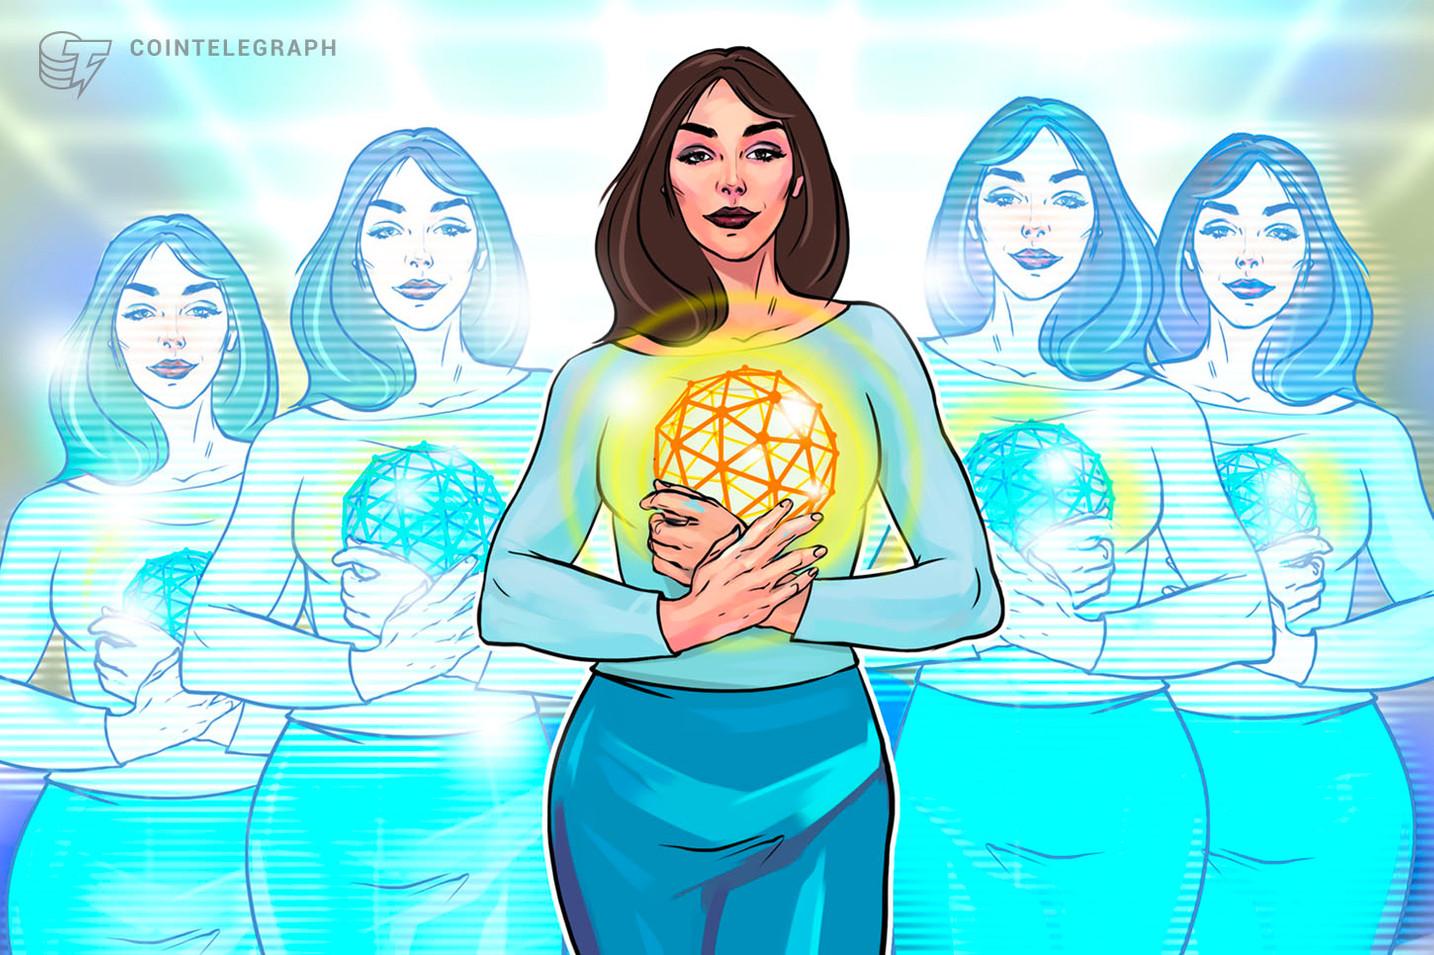 Frauen in Blockchain und Krypto: Wie man das Geschlechter-Ungleichgewicht ausbalancieren kann